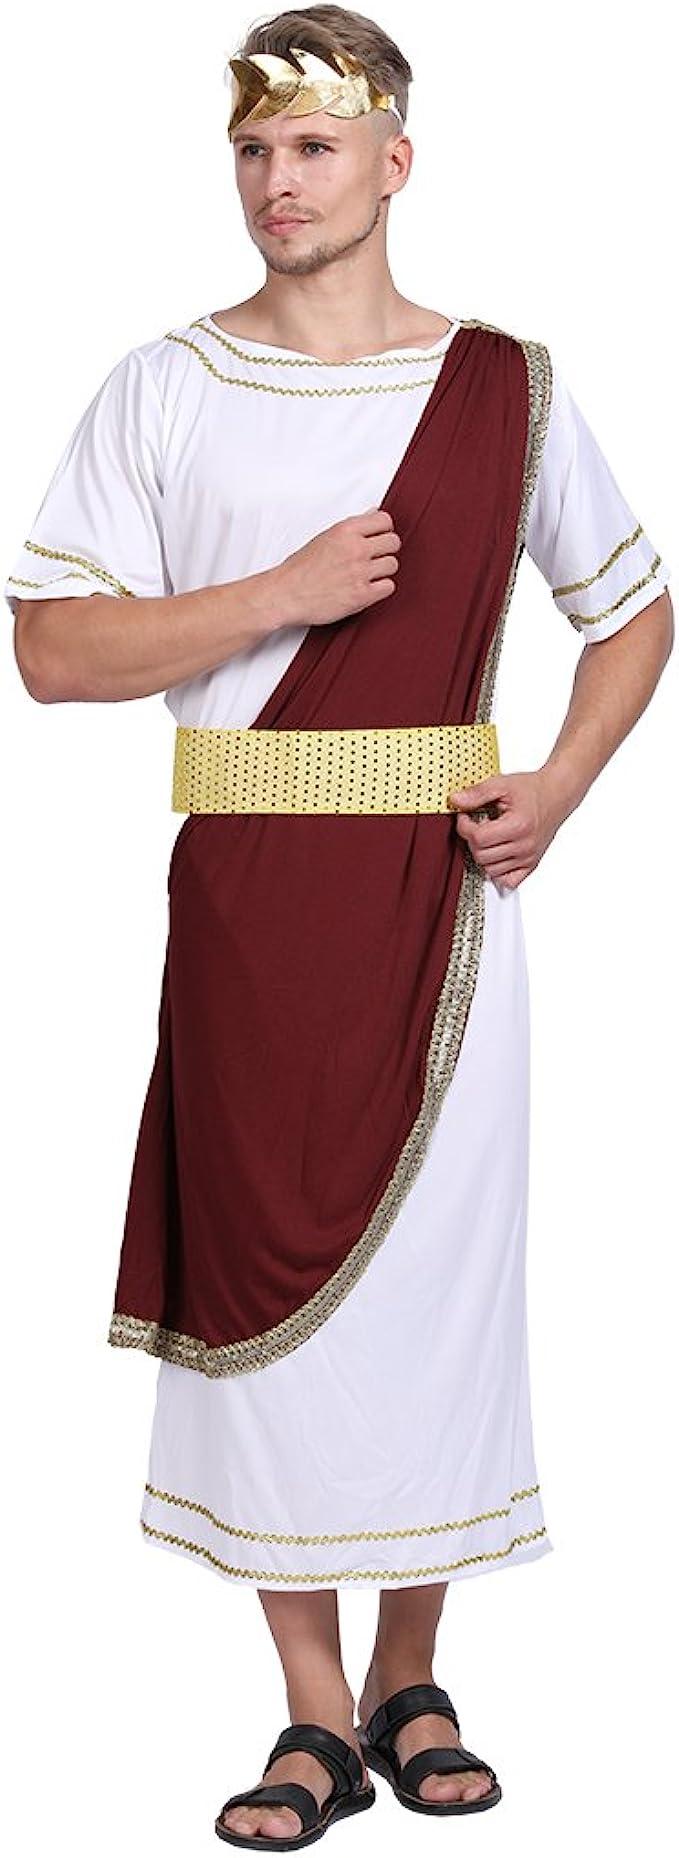 EraSpooky Hombre Romano Disfraz Elaborado Vestido César Brutus ...